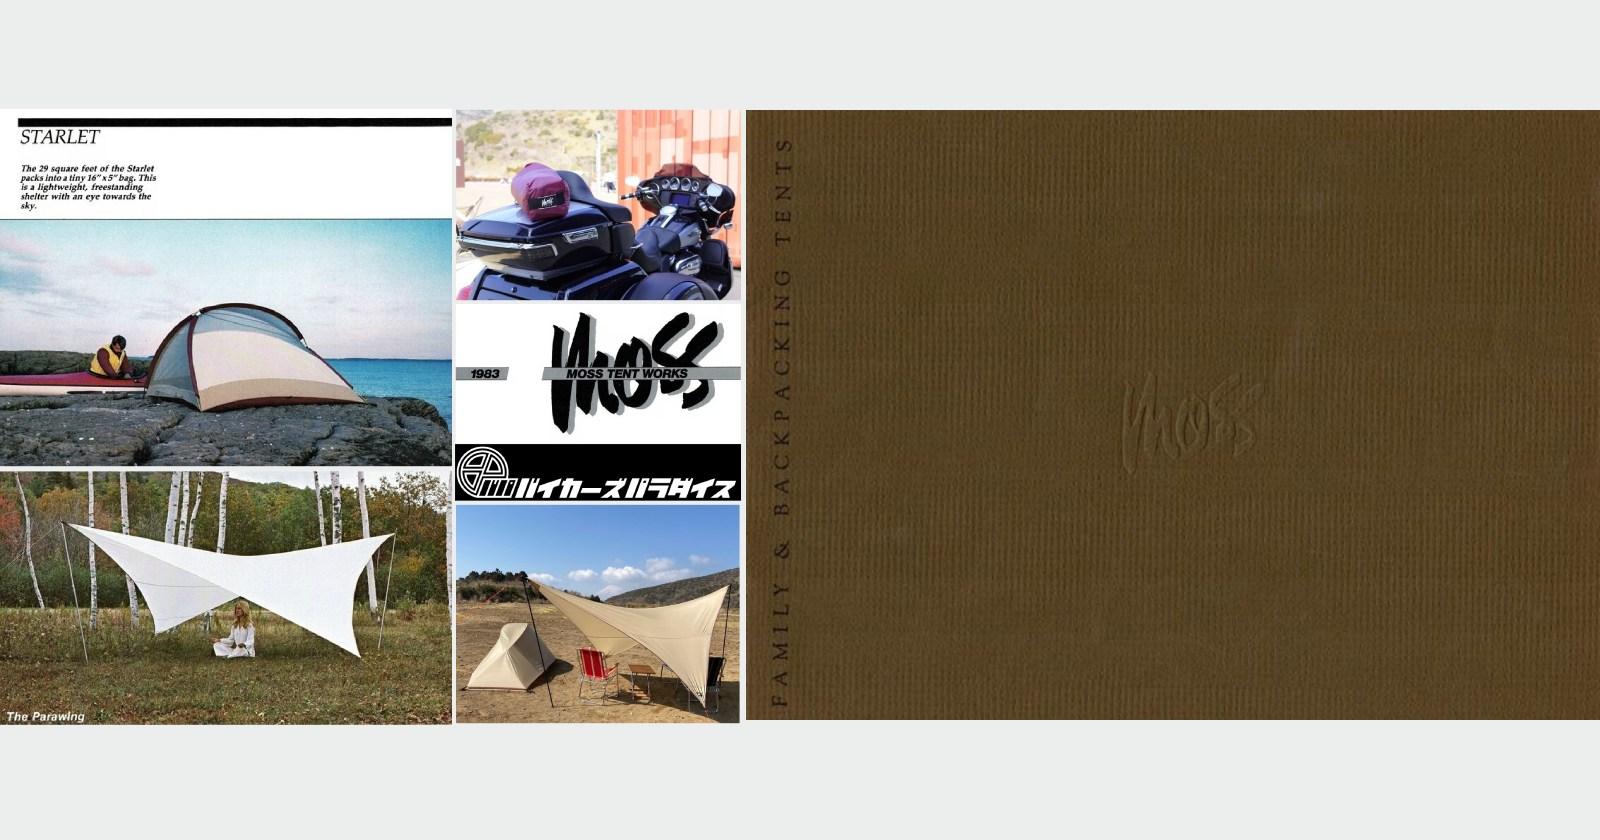 伝説のブランド「moss TENTS」が復活!ソロツーリストに捧げる限定テント&タープ